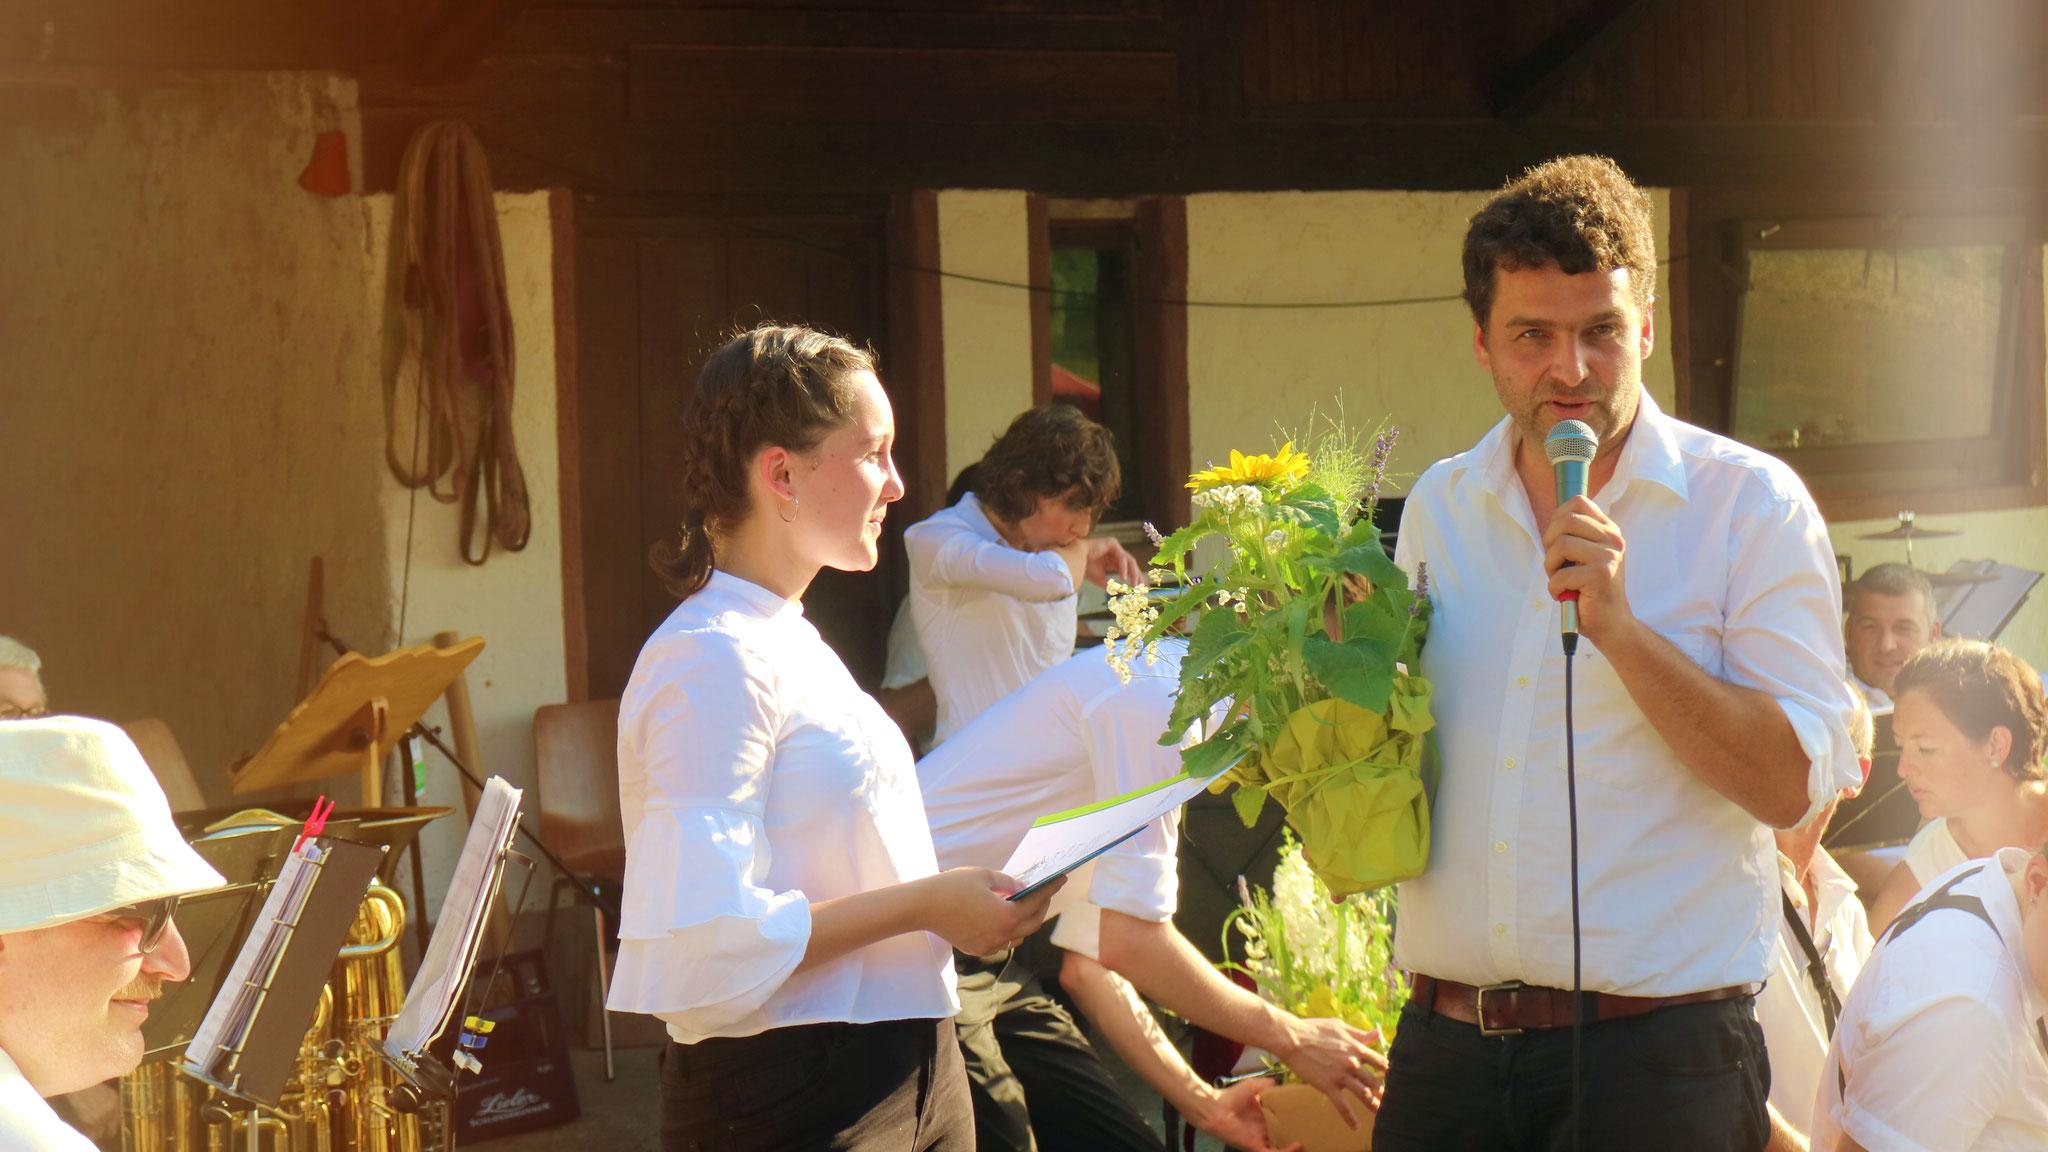 Jungmusikerin Thea wird mit dem silbernen Abzeichen geehrt.